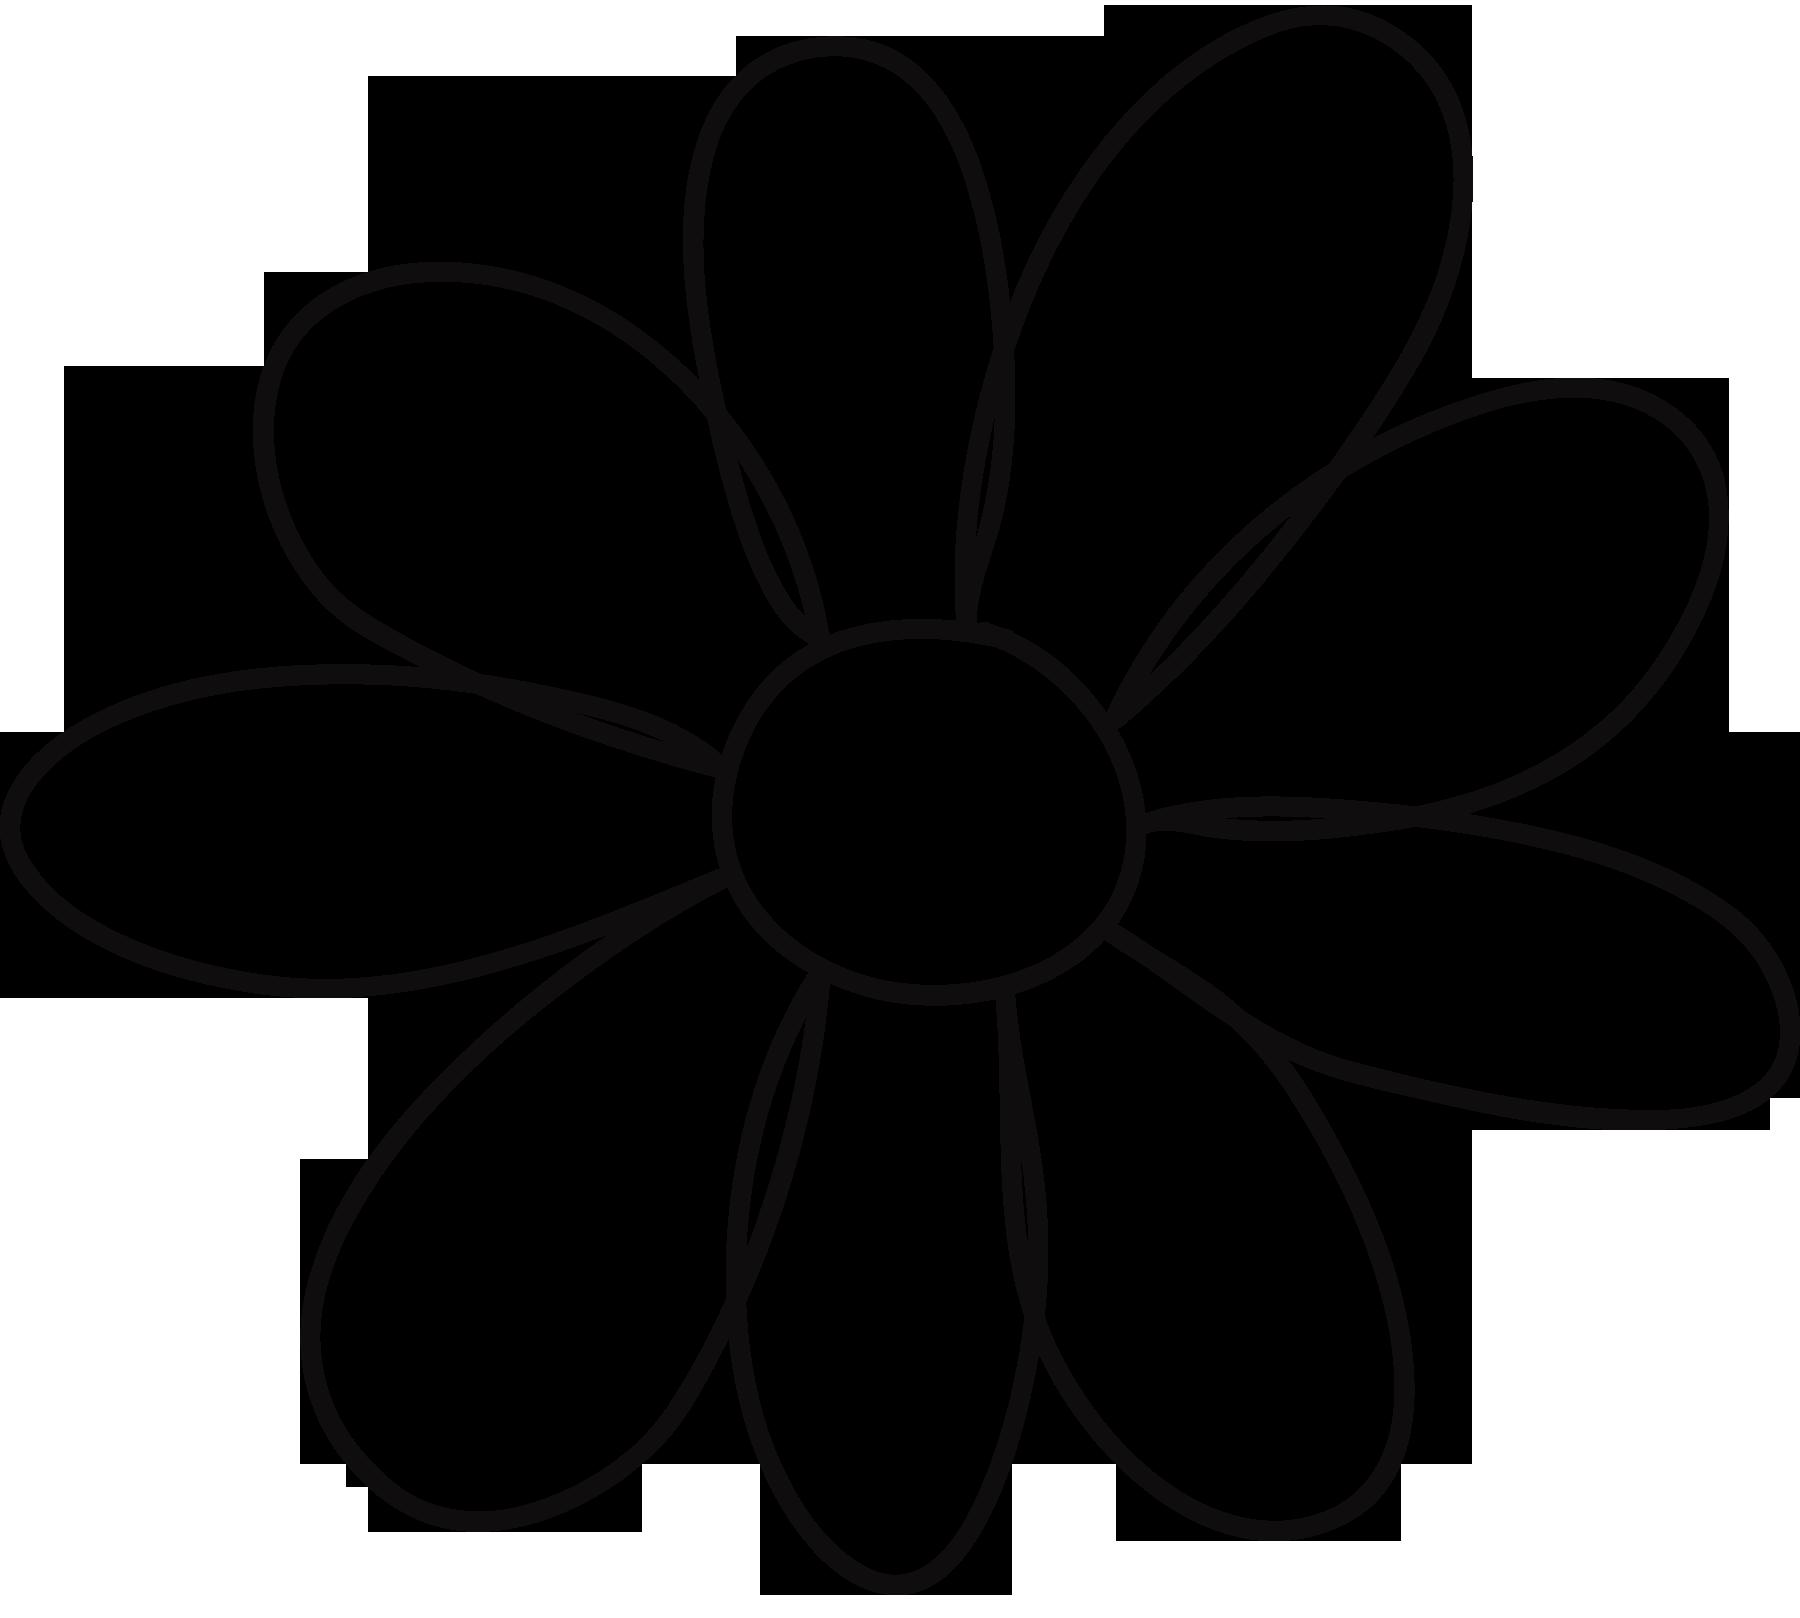 Flower Petal Template.